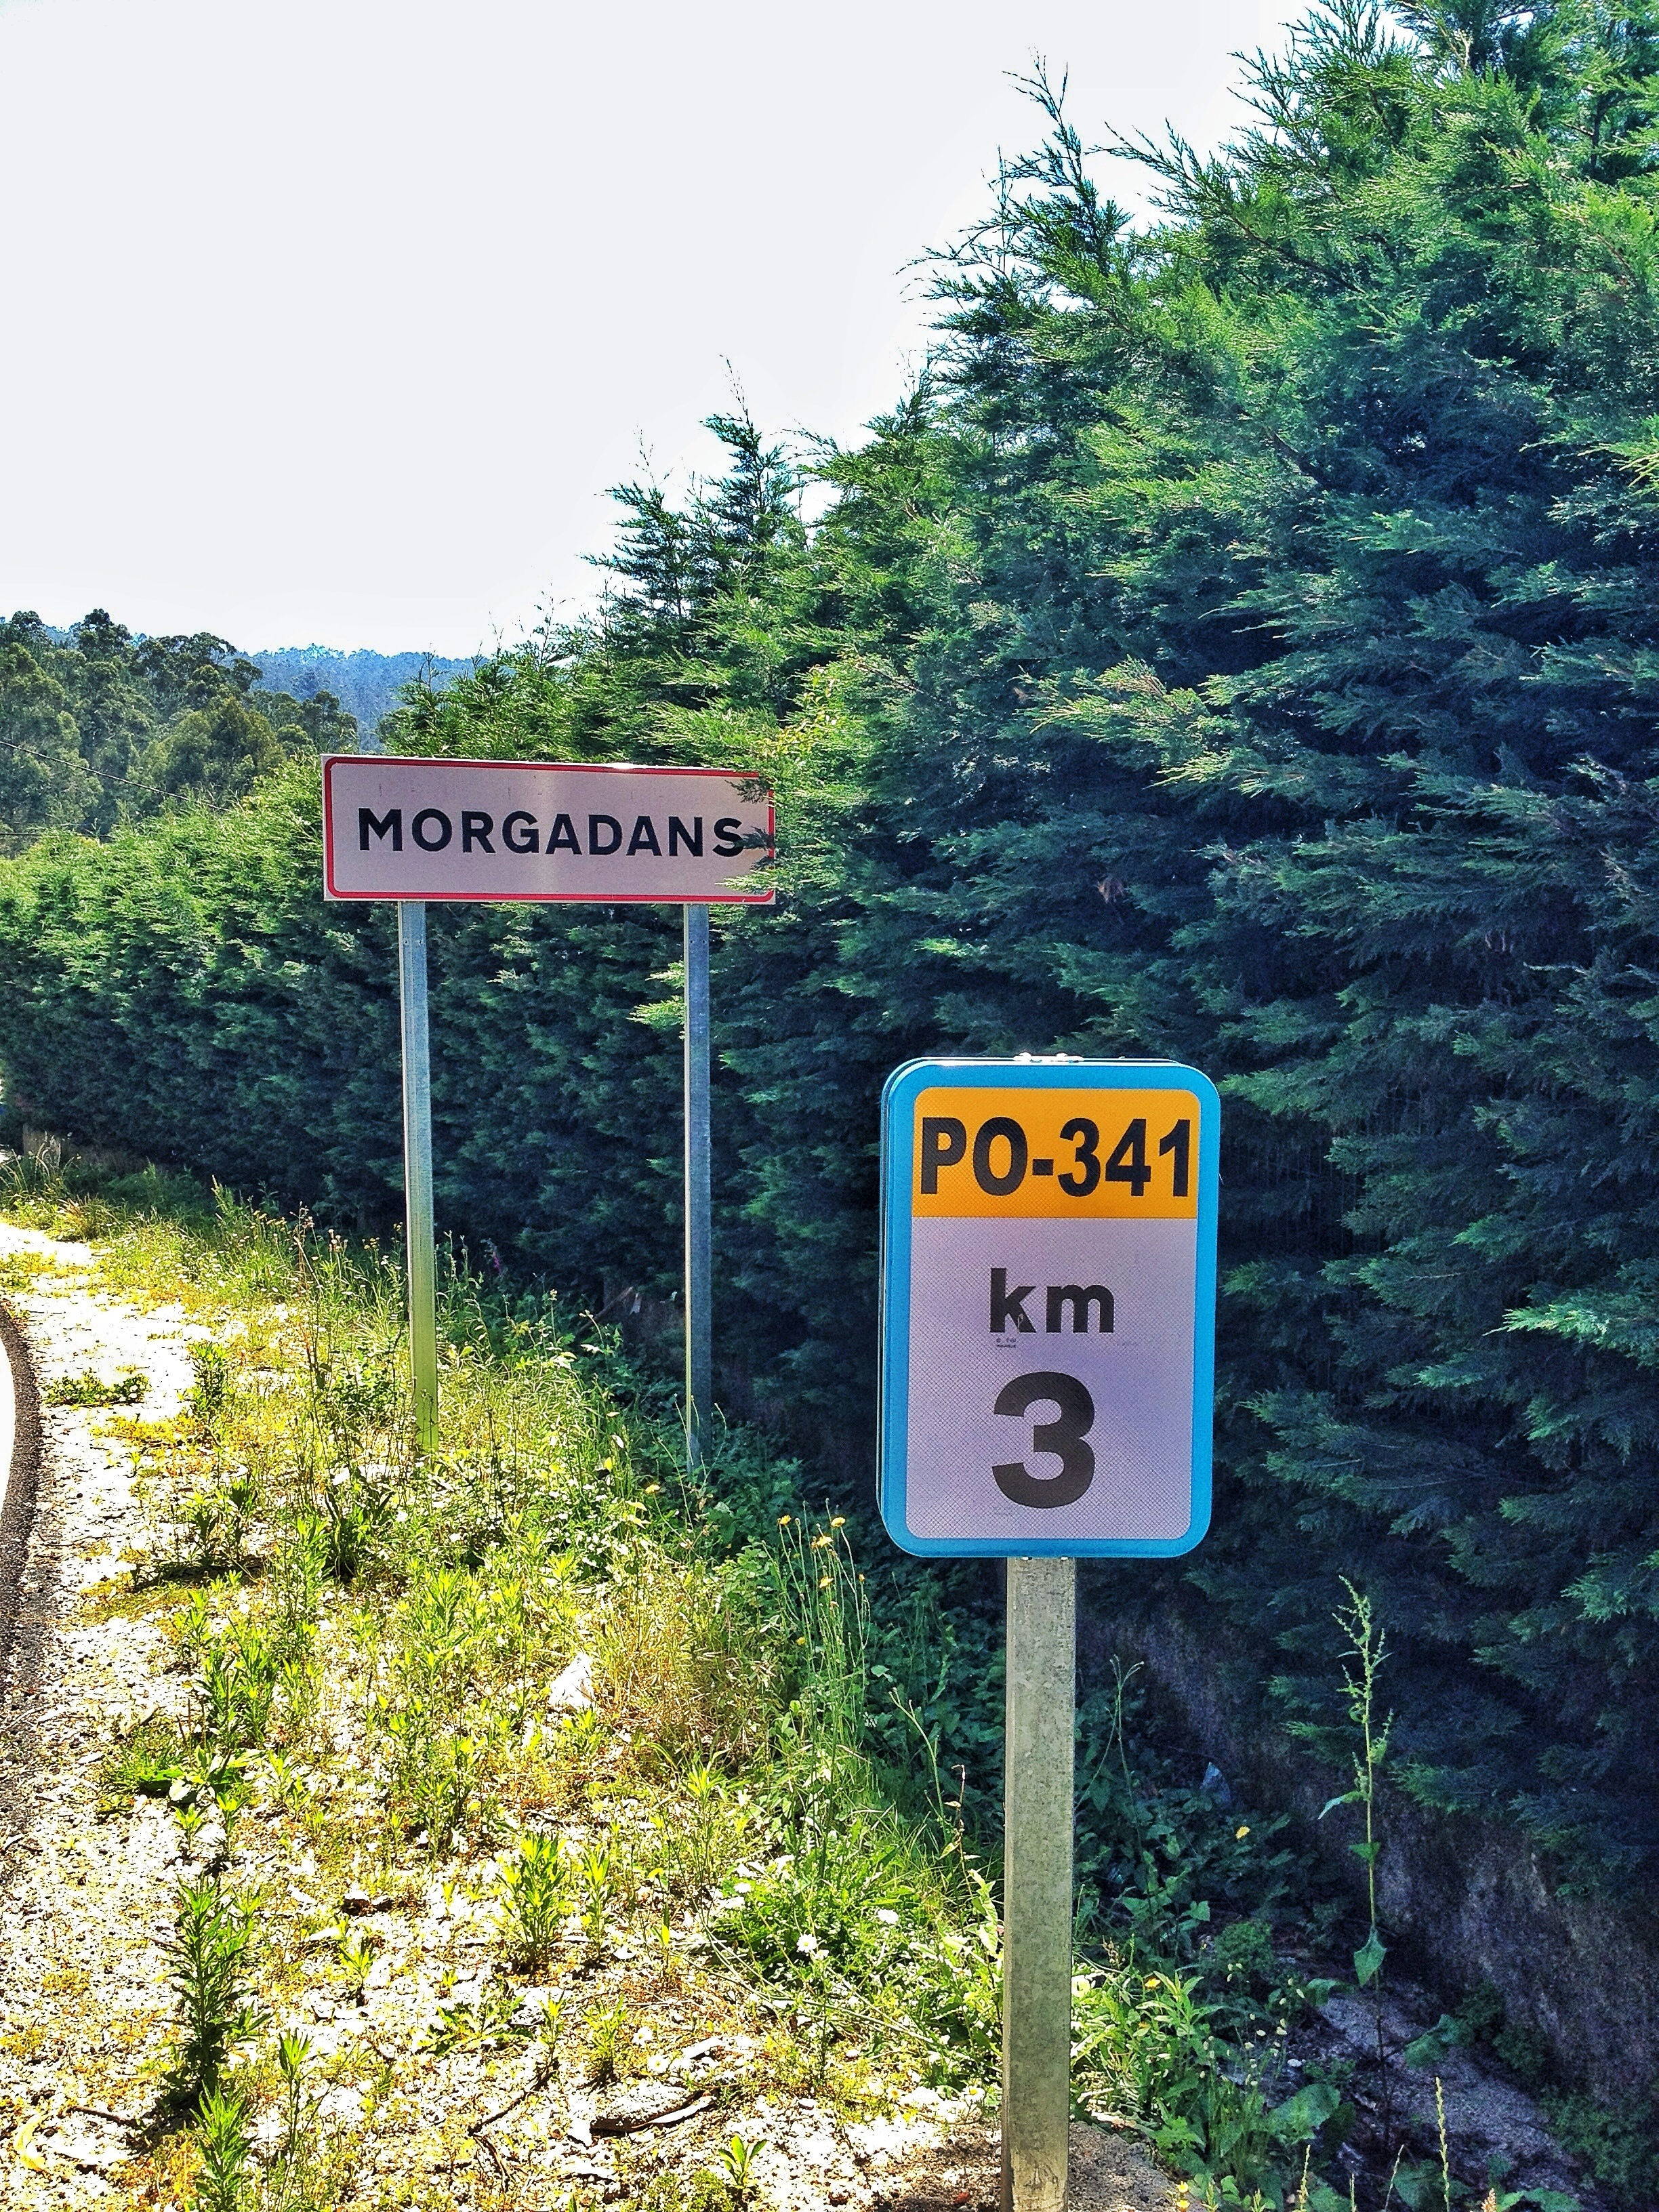 Km 3 PO-341